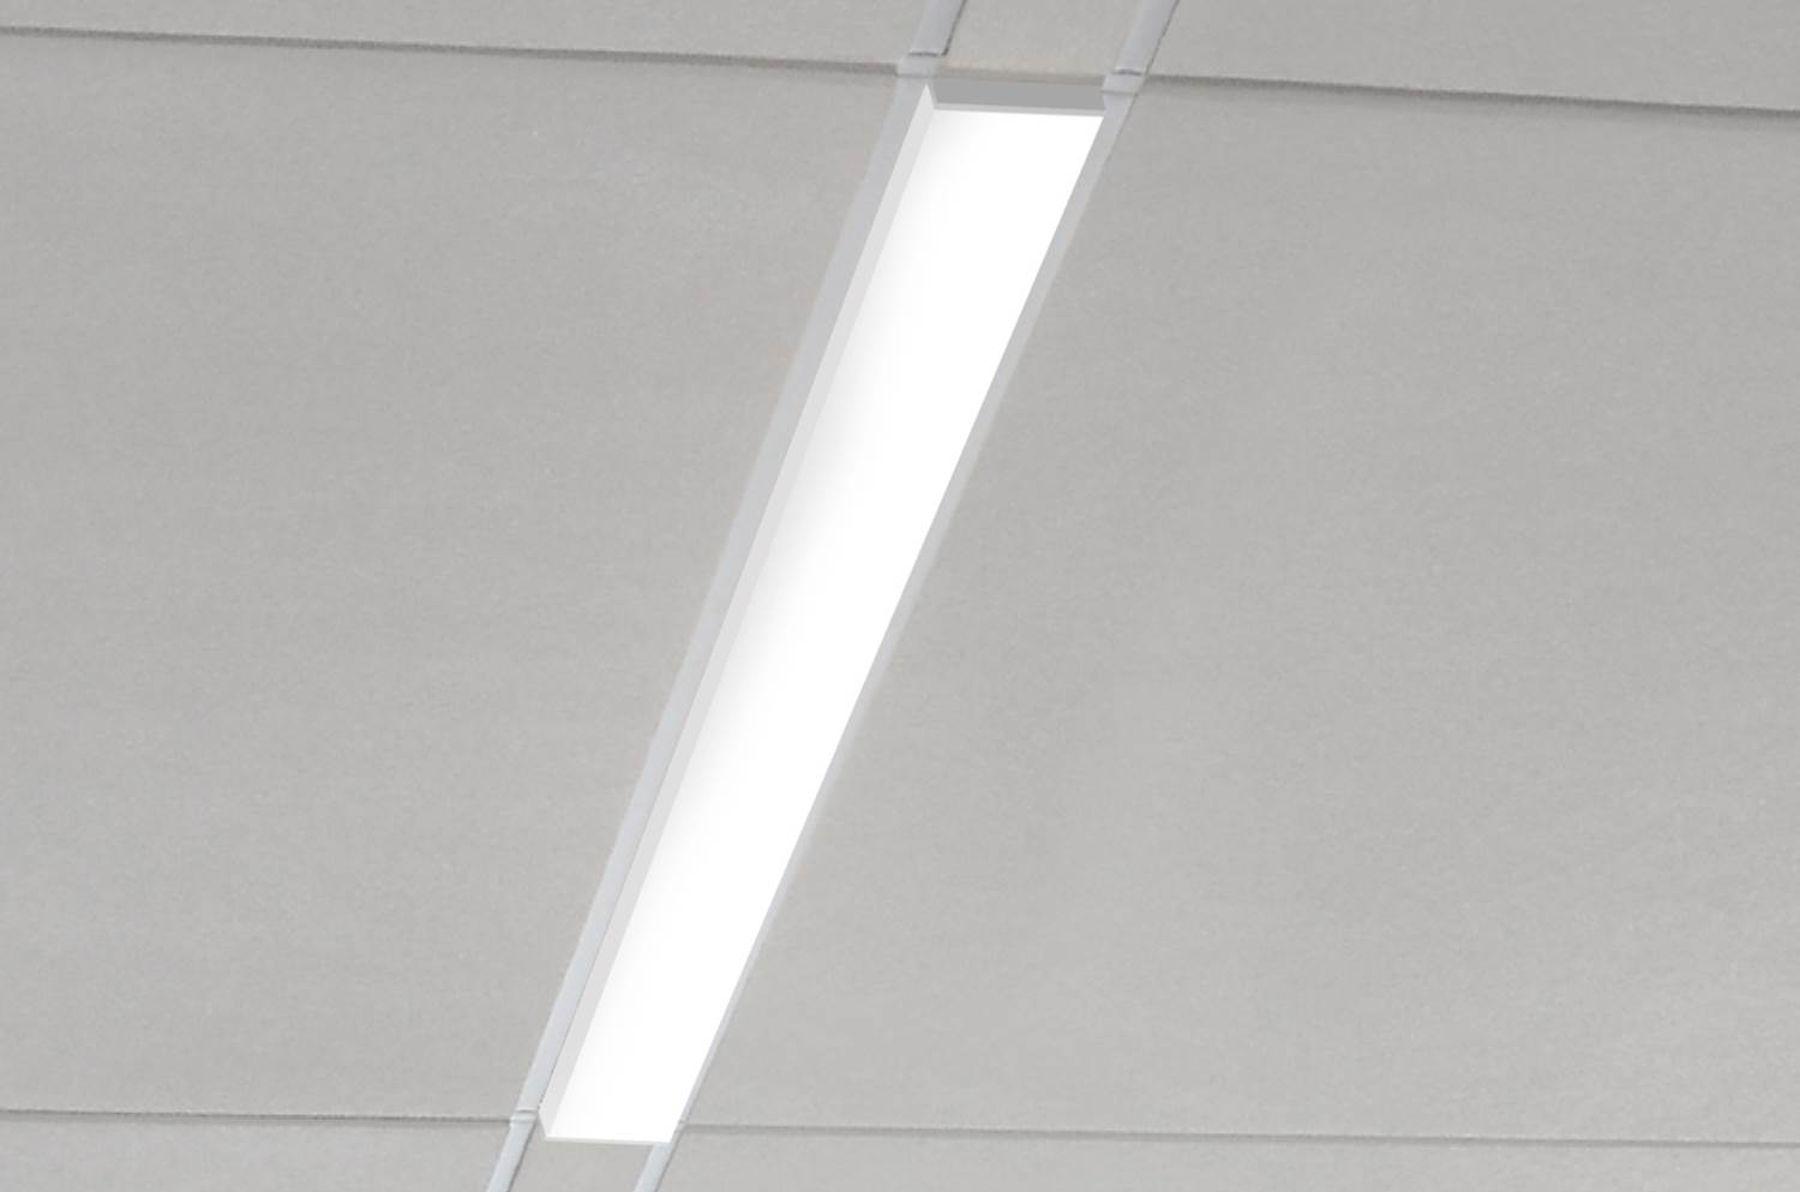 Picture of GX3D34RC2TZ-LED-LENS3D